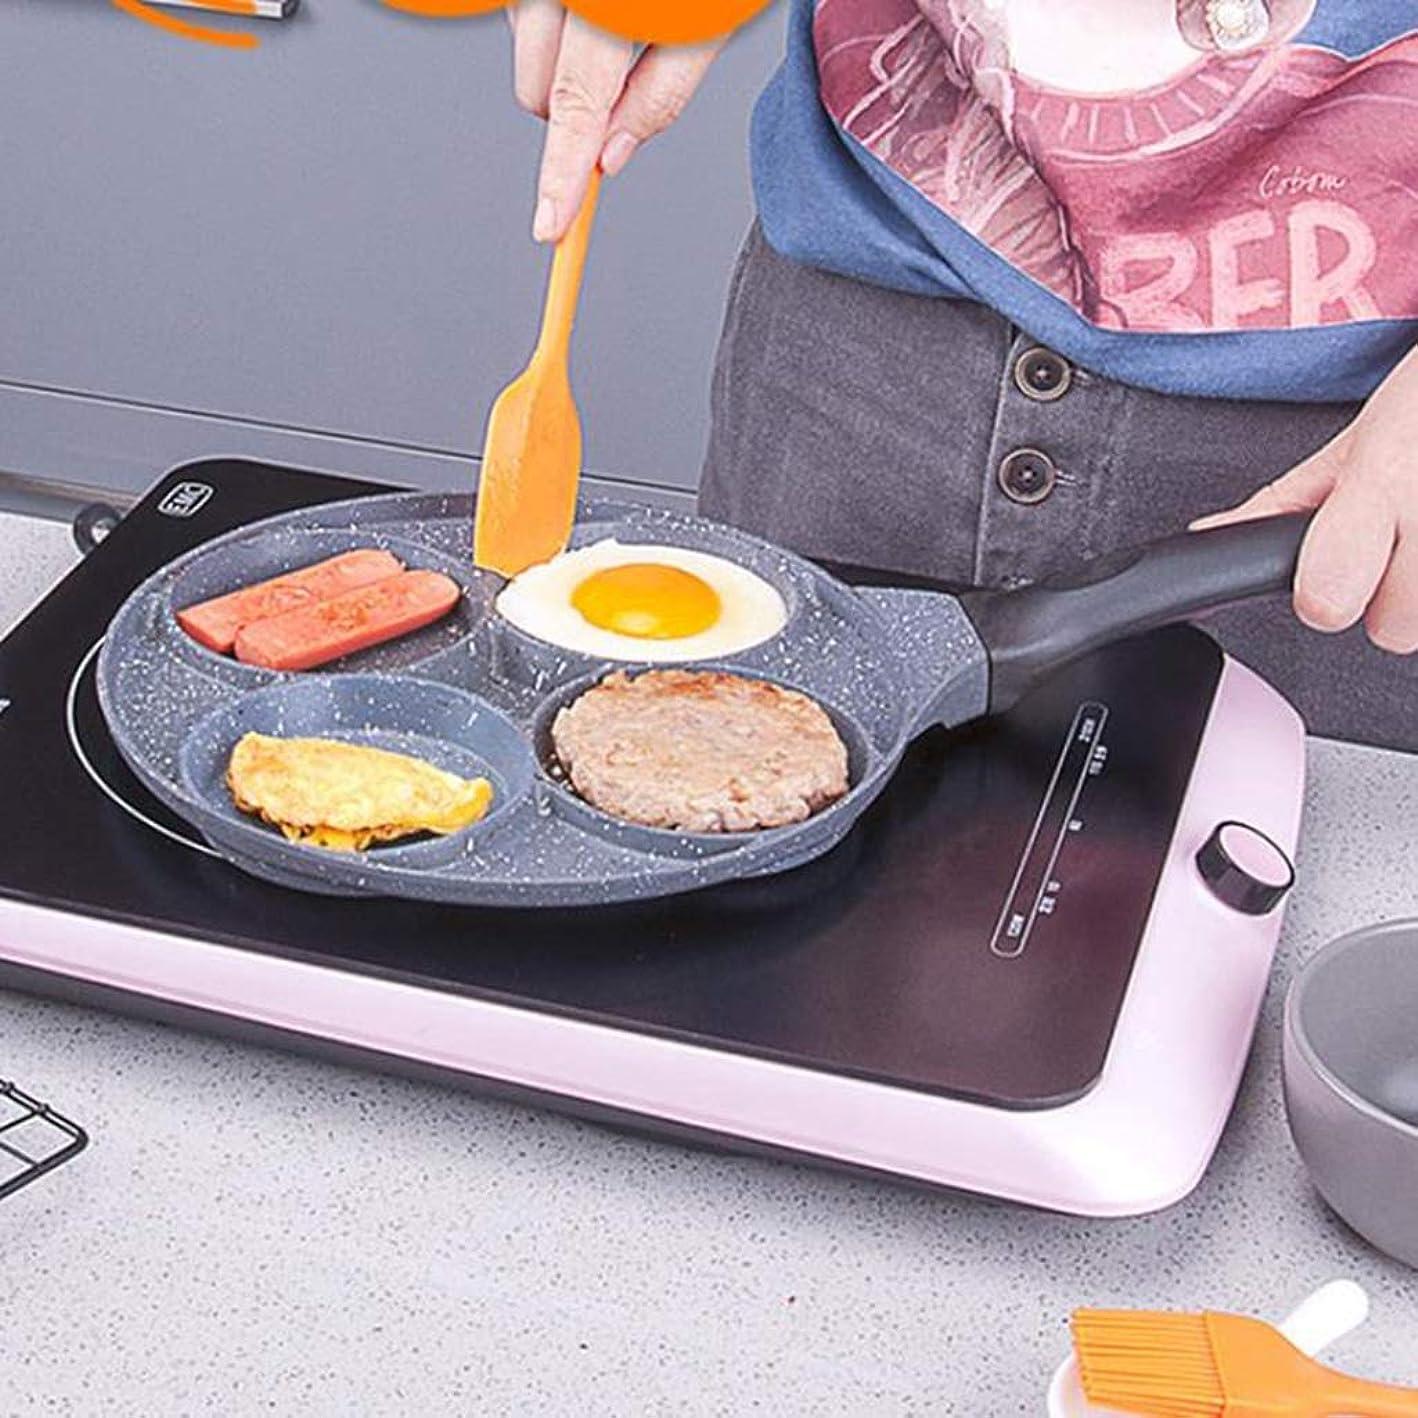 スキャンダラス腹痛化合物リューシン オムレツパン焦げ付き防止の炊事道具の小型鍋4穴の朝食の小さいフライパン